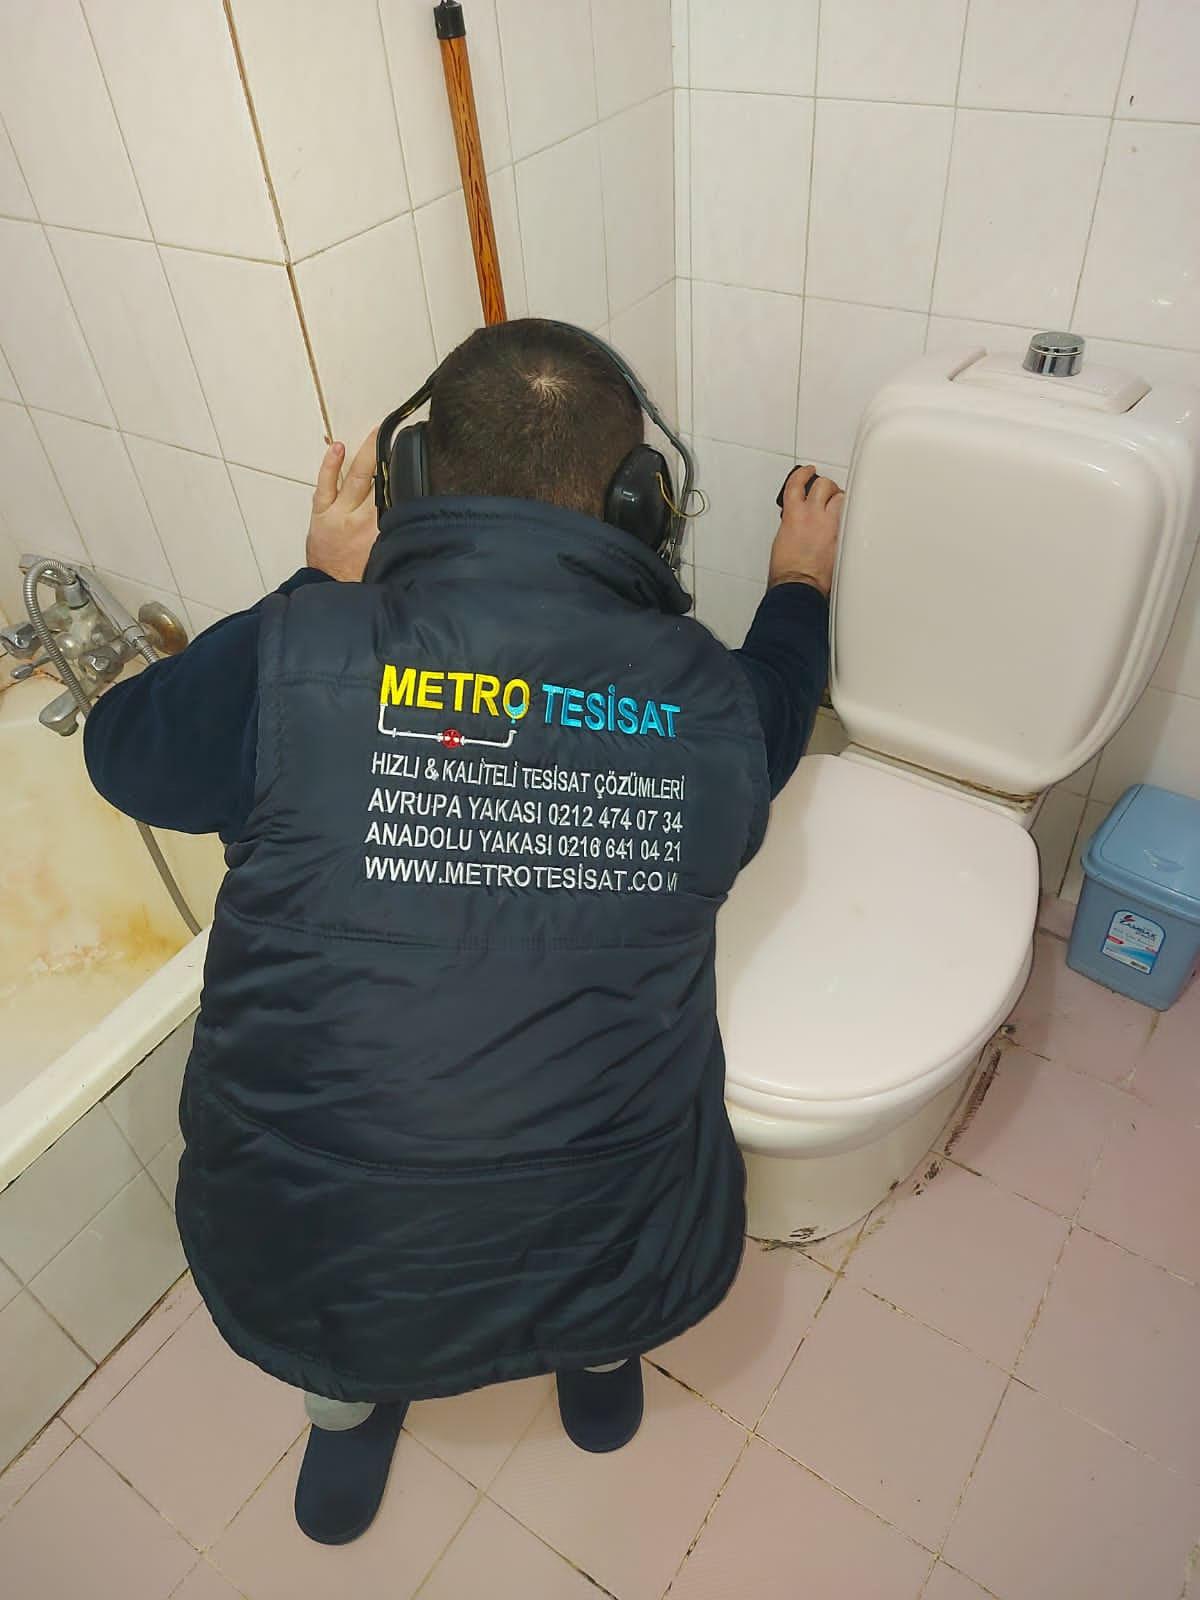 Beyoğlu Tuvalet Tıkanıklığı Açma, Beyoğlu Tıkanıklık Açma, Beyoğlu Kırmadan Tıkanıklık Açma, Beyoğlu Lavabo Tıkanıklığı